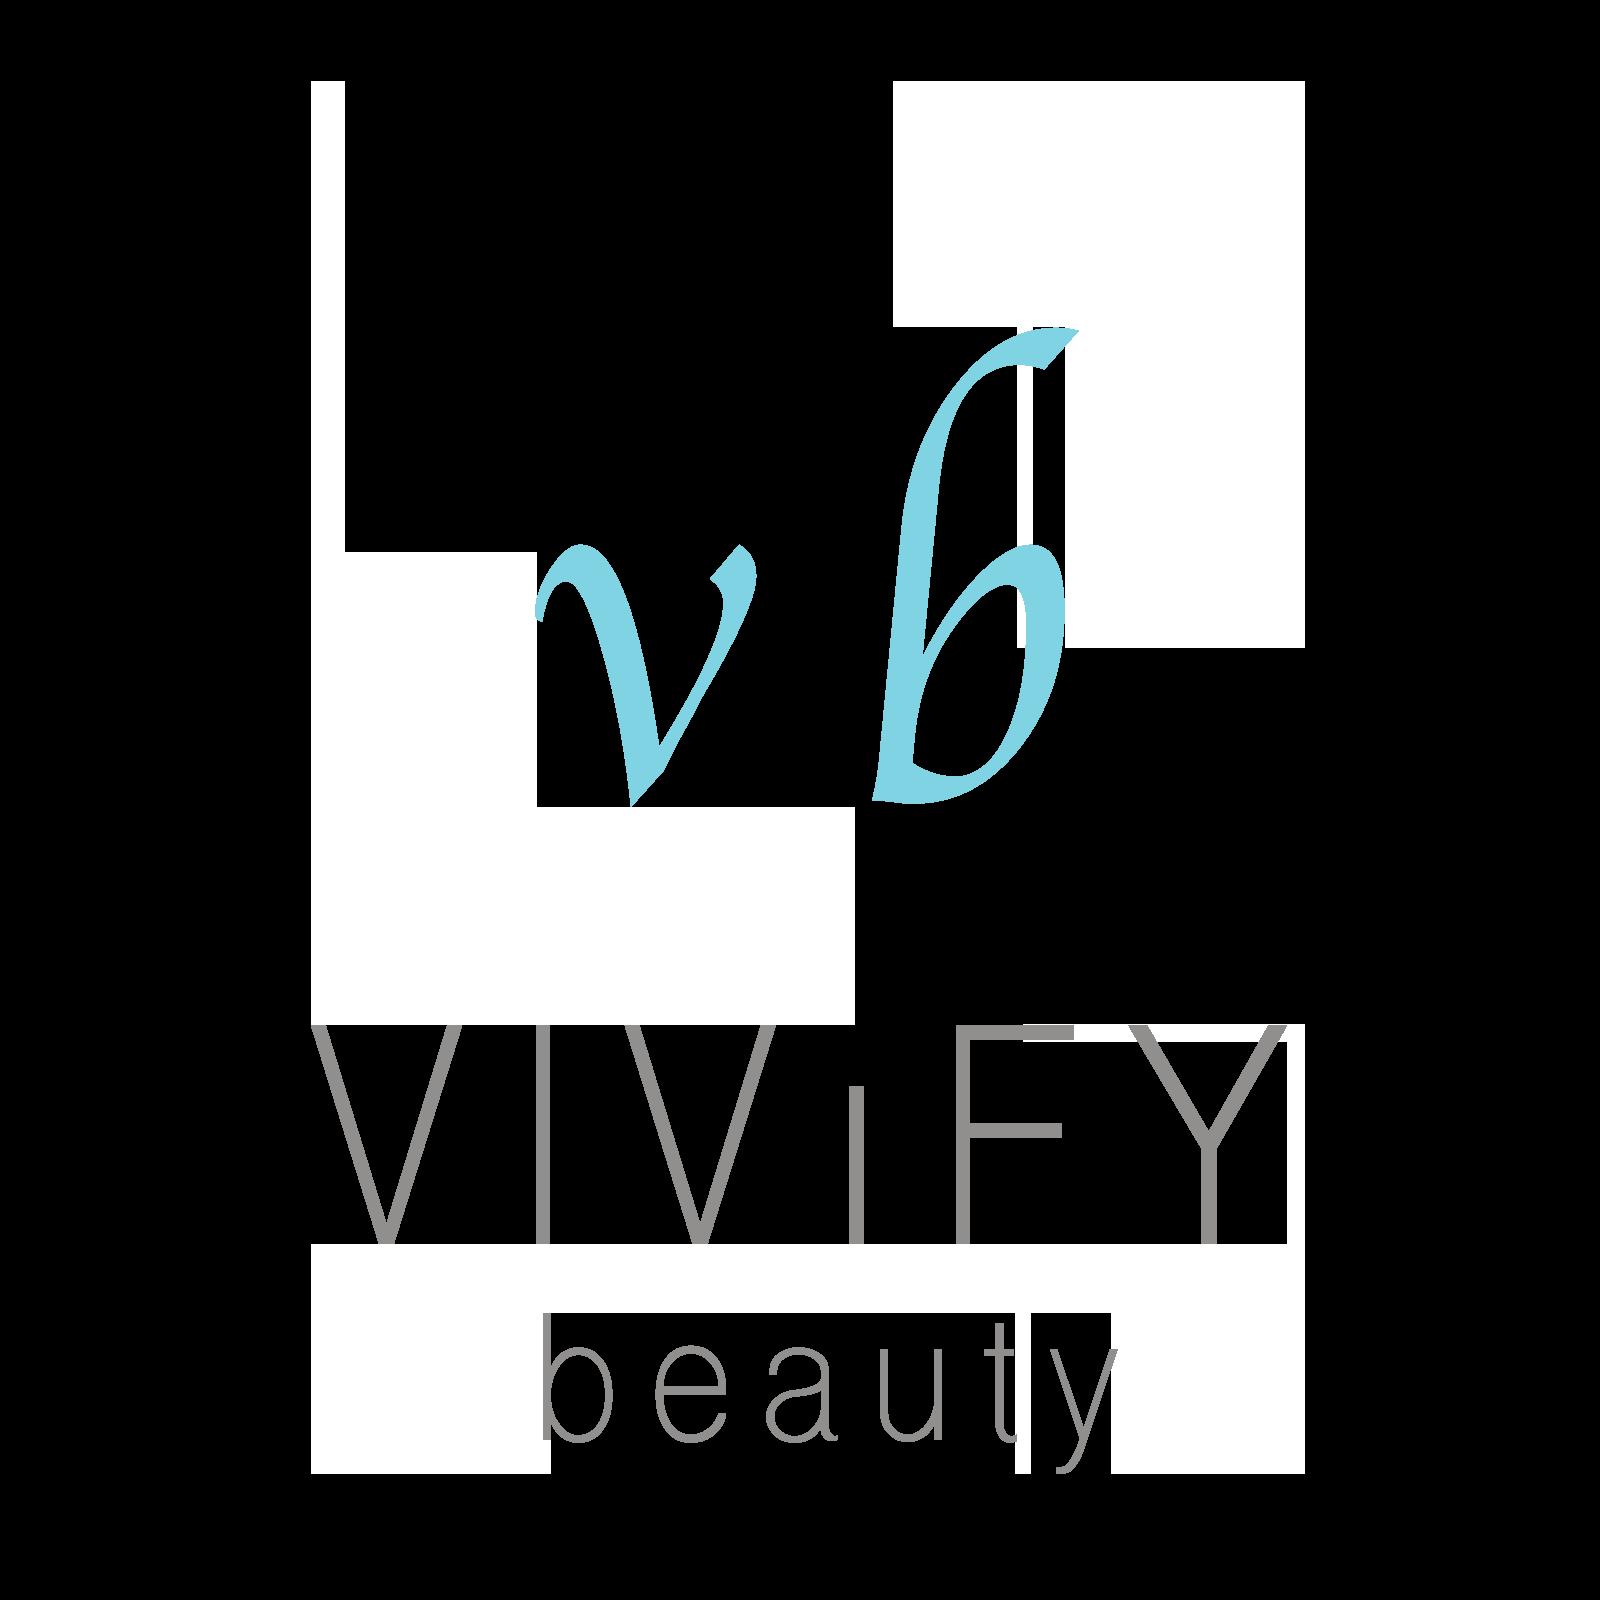 Vivify Beauty